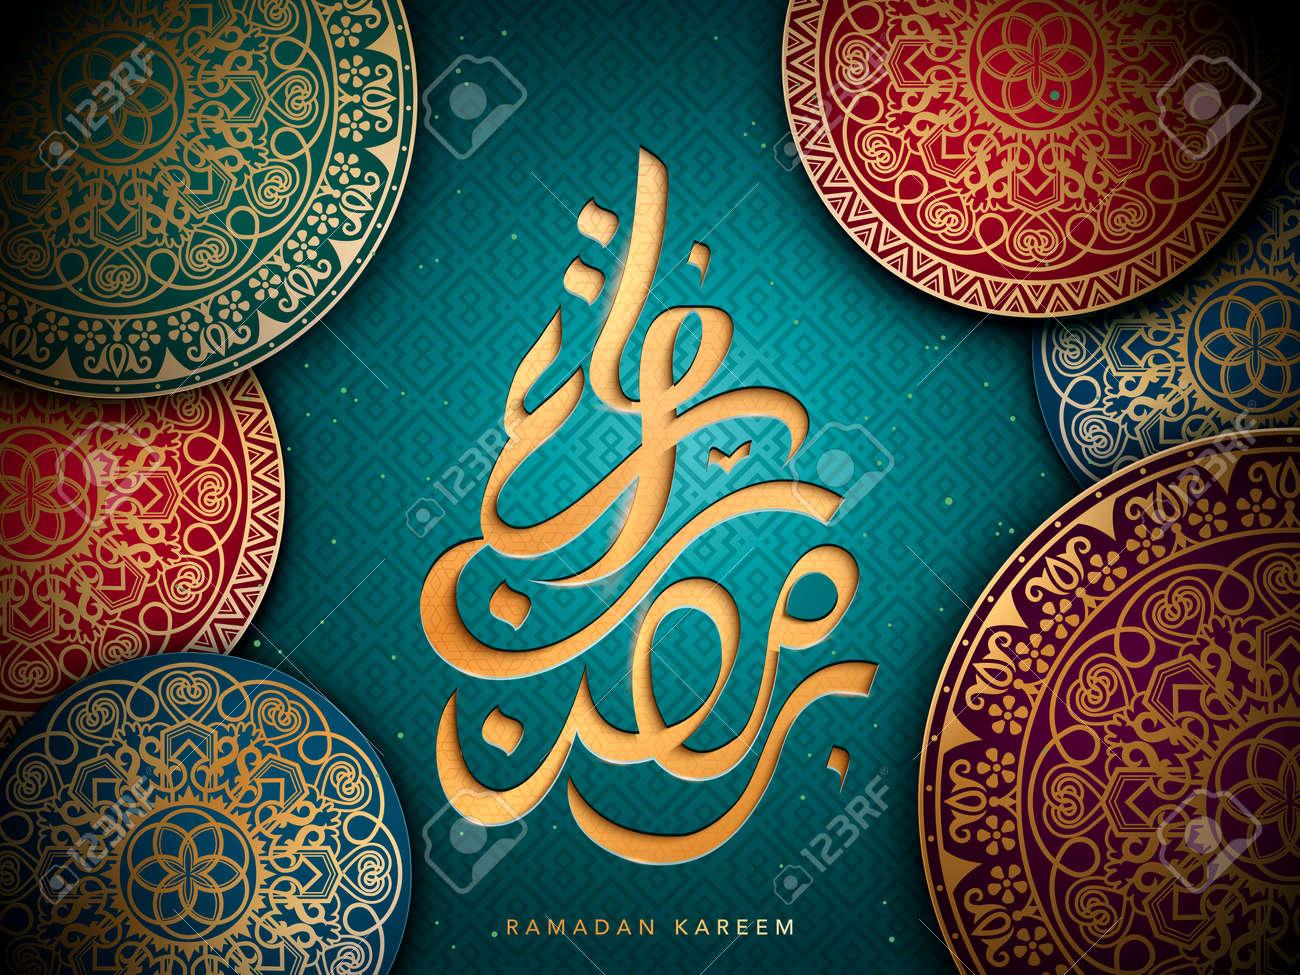 Arabic calligraphy design for ramadan with islamic geometric